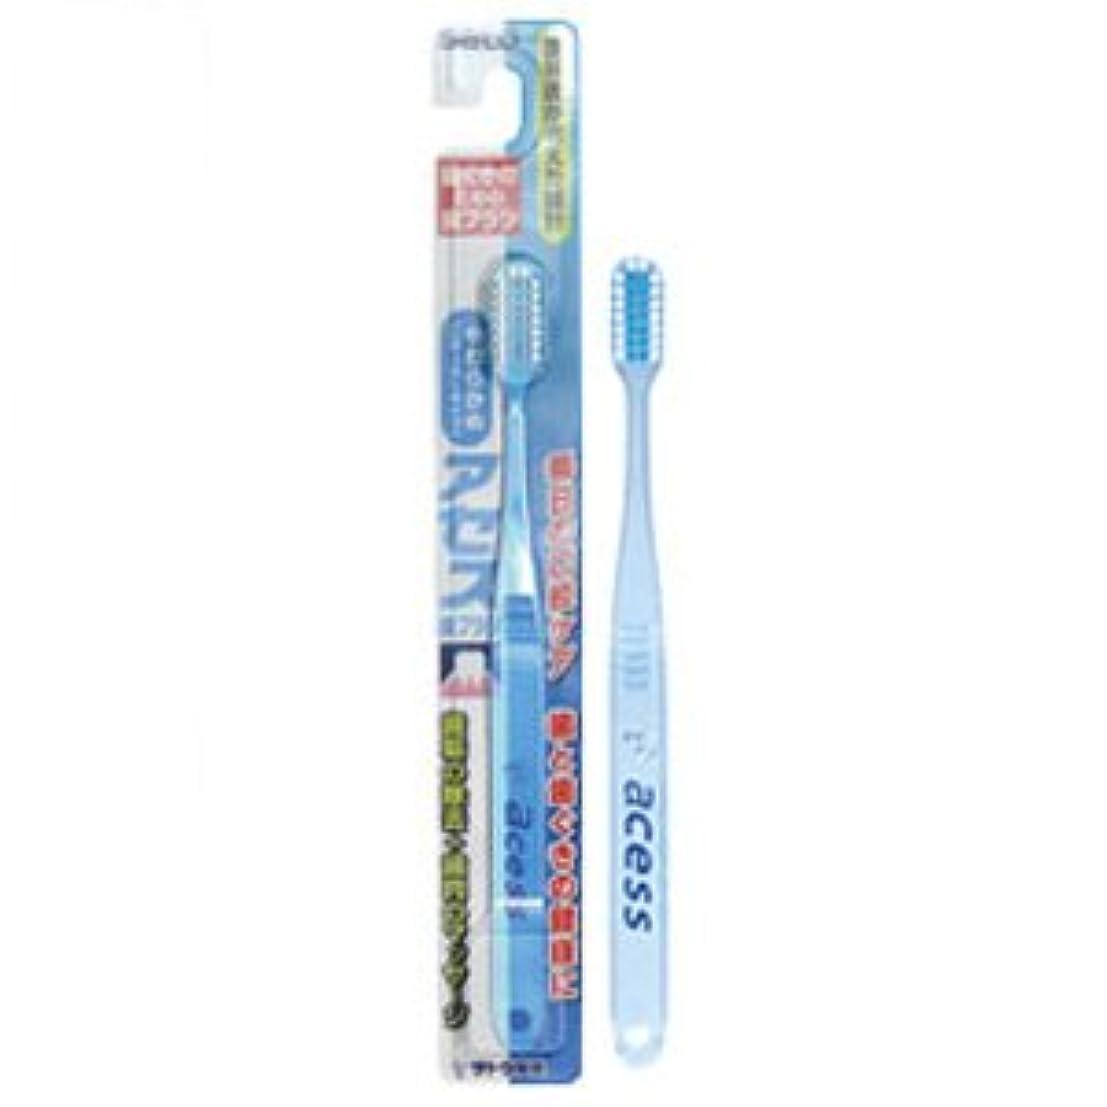 取り扱いアテンダント浅いアセス歯ブラシ やわらかめ(レギュラータイプ) ブルー 12本